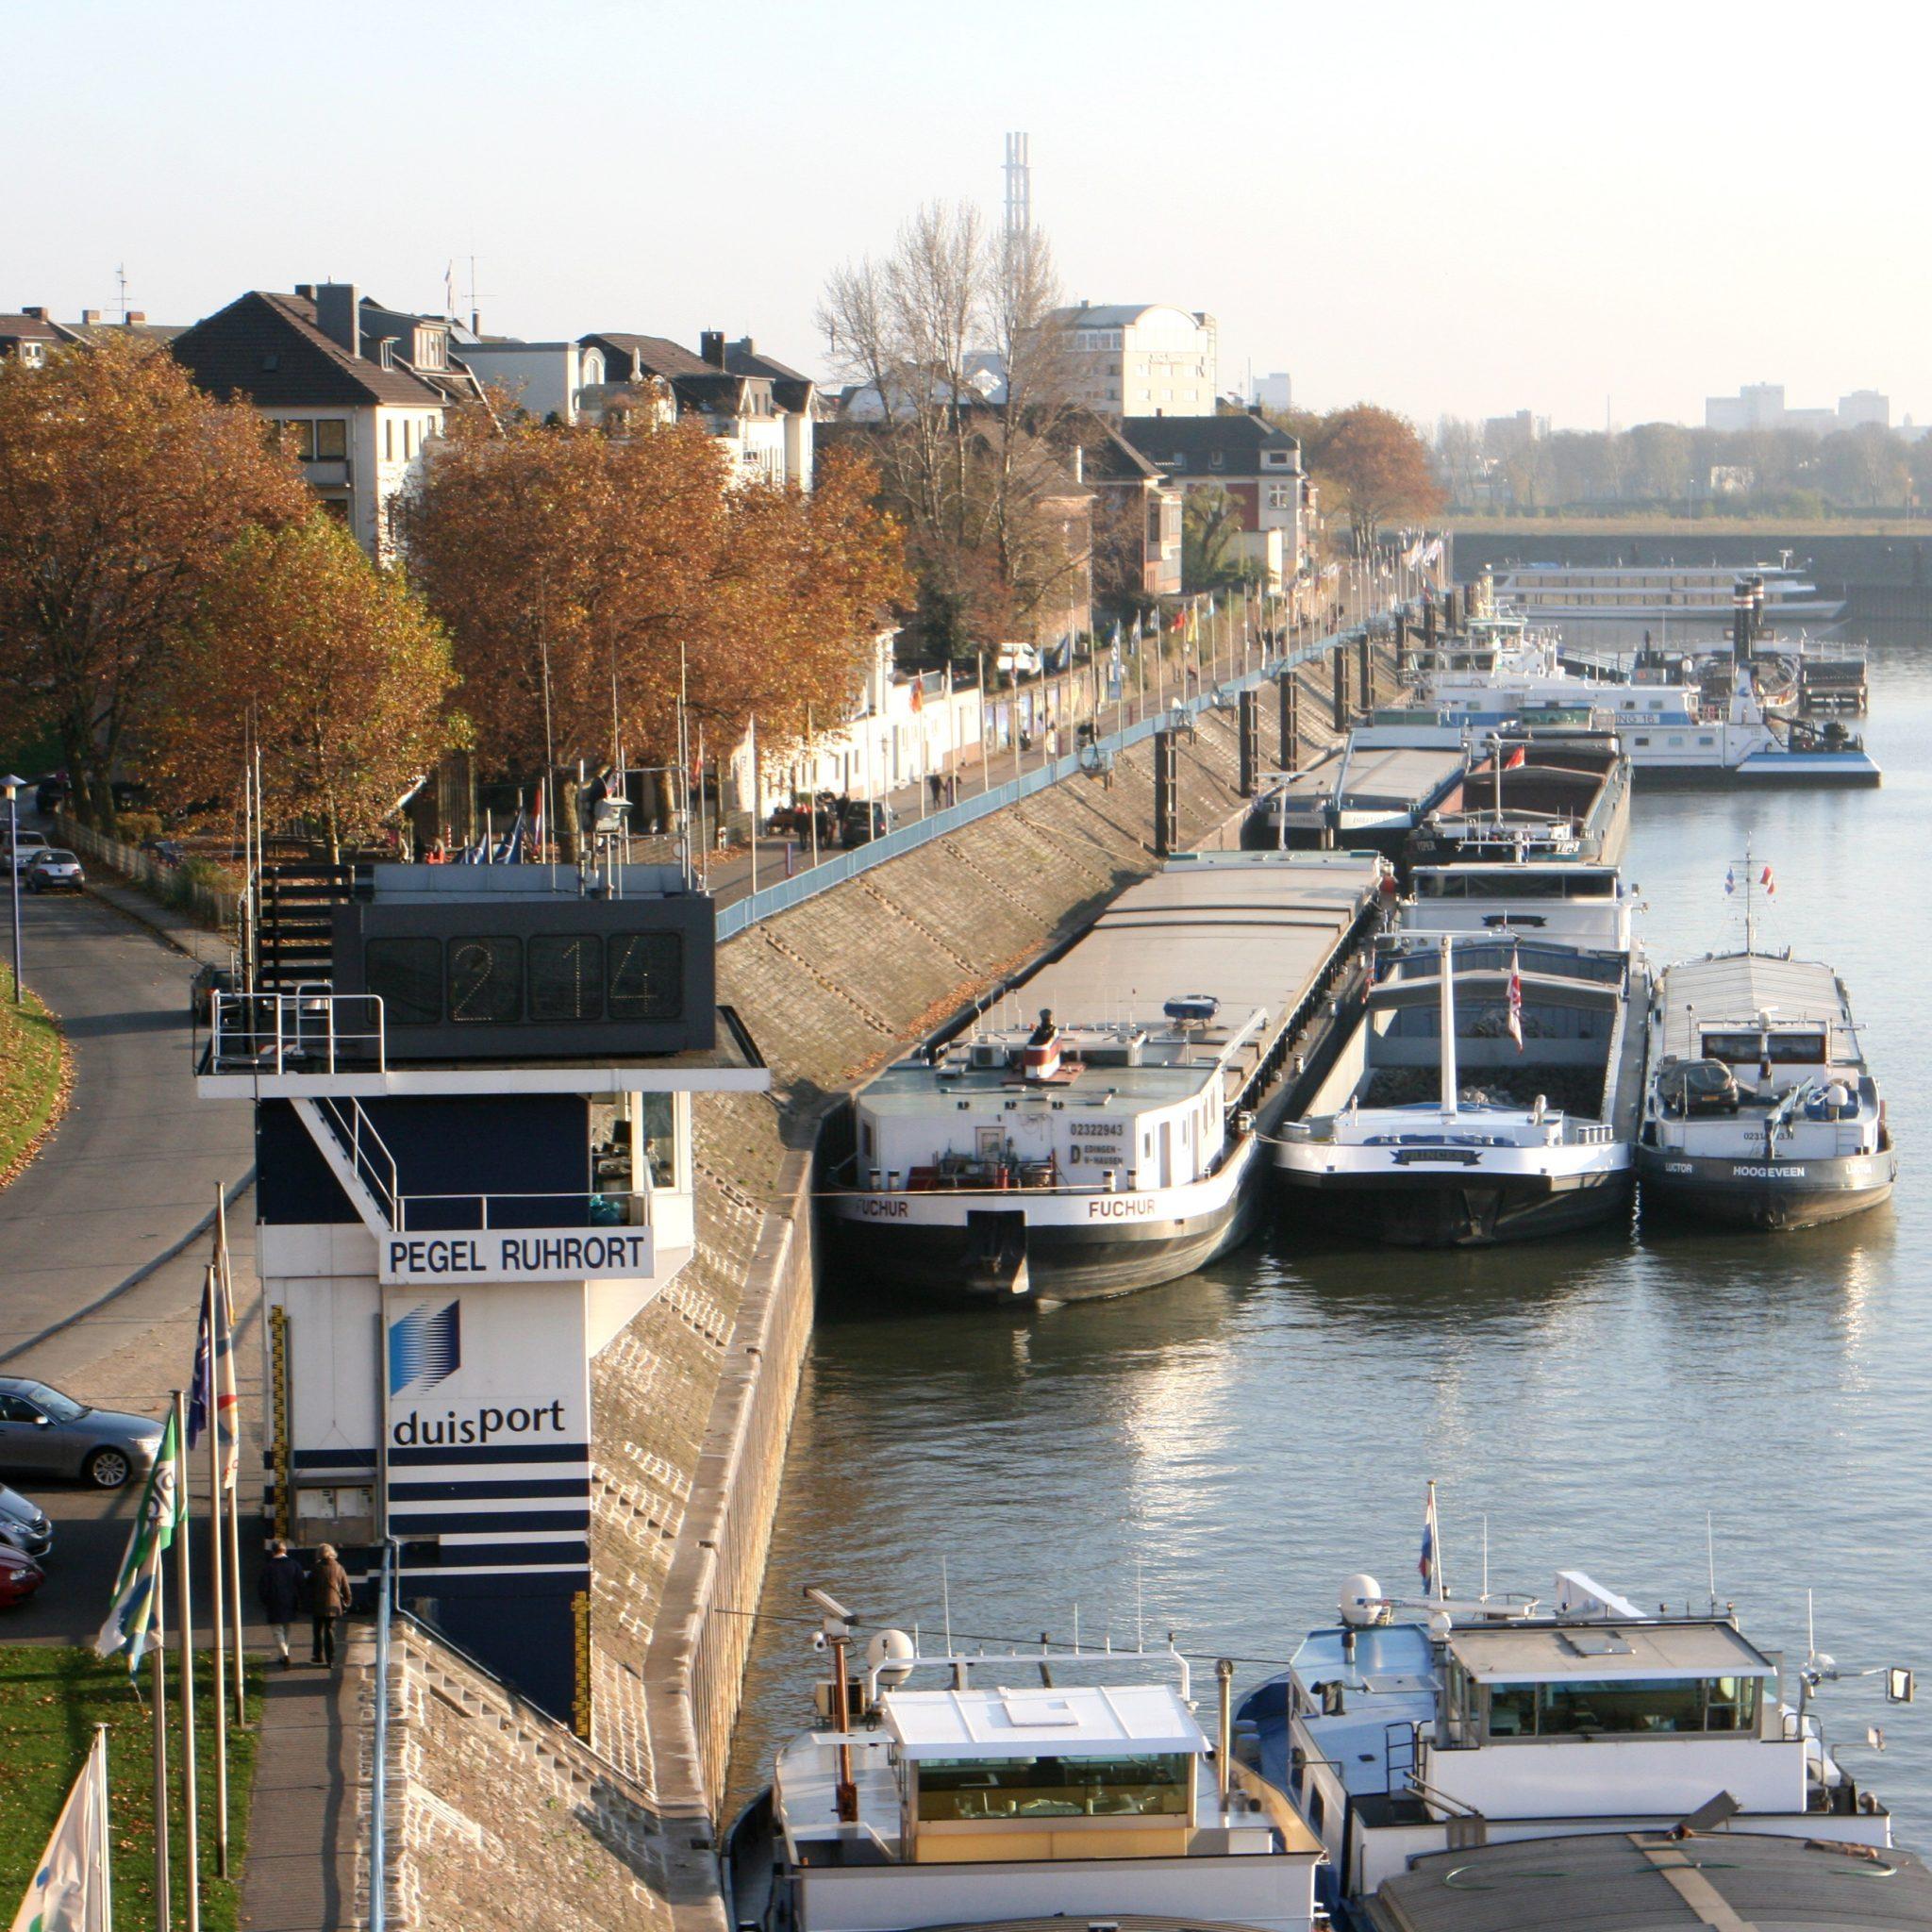 De waterstanden op de Rijn zijn weer bezig met een daling, na een periode hoogwater. (Foto Frank Vincentz/Wikimedia)